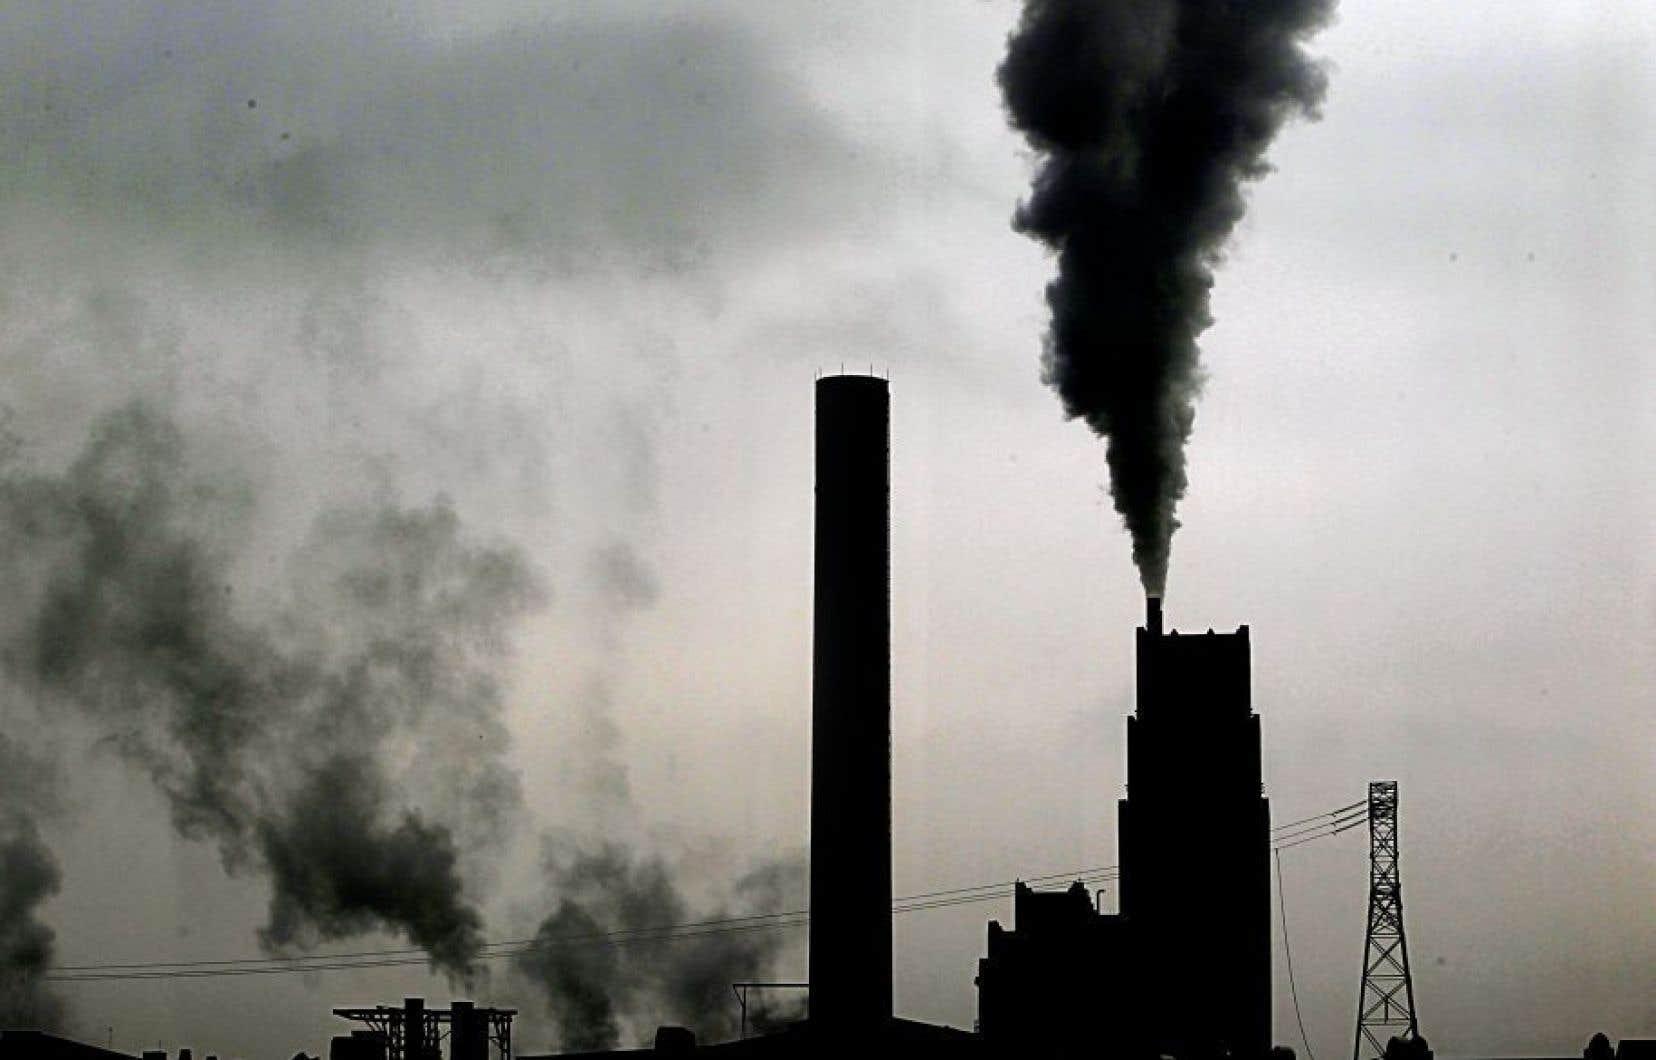 Les entreprises qui émettent plus de 25 000 tonnes de CO2 par année doivent se procurer des droits d'émission.